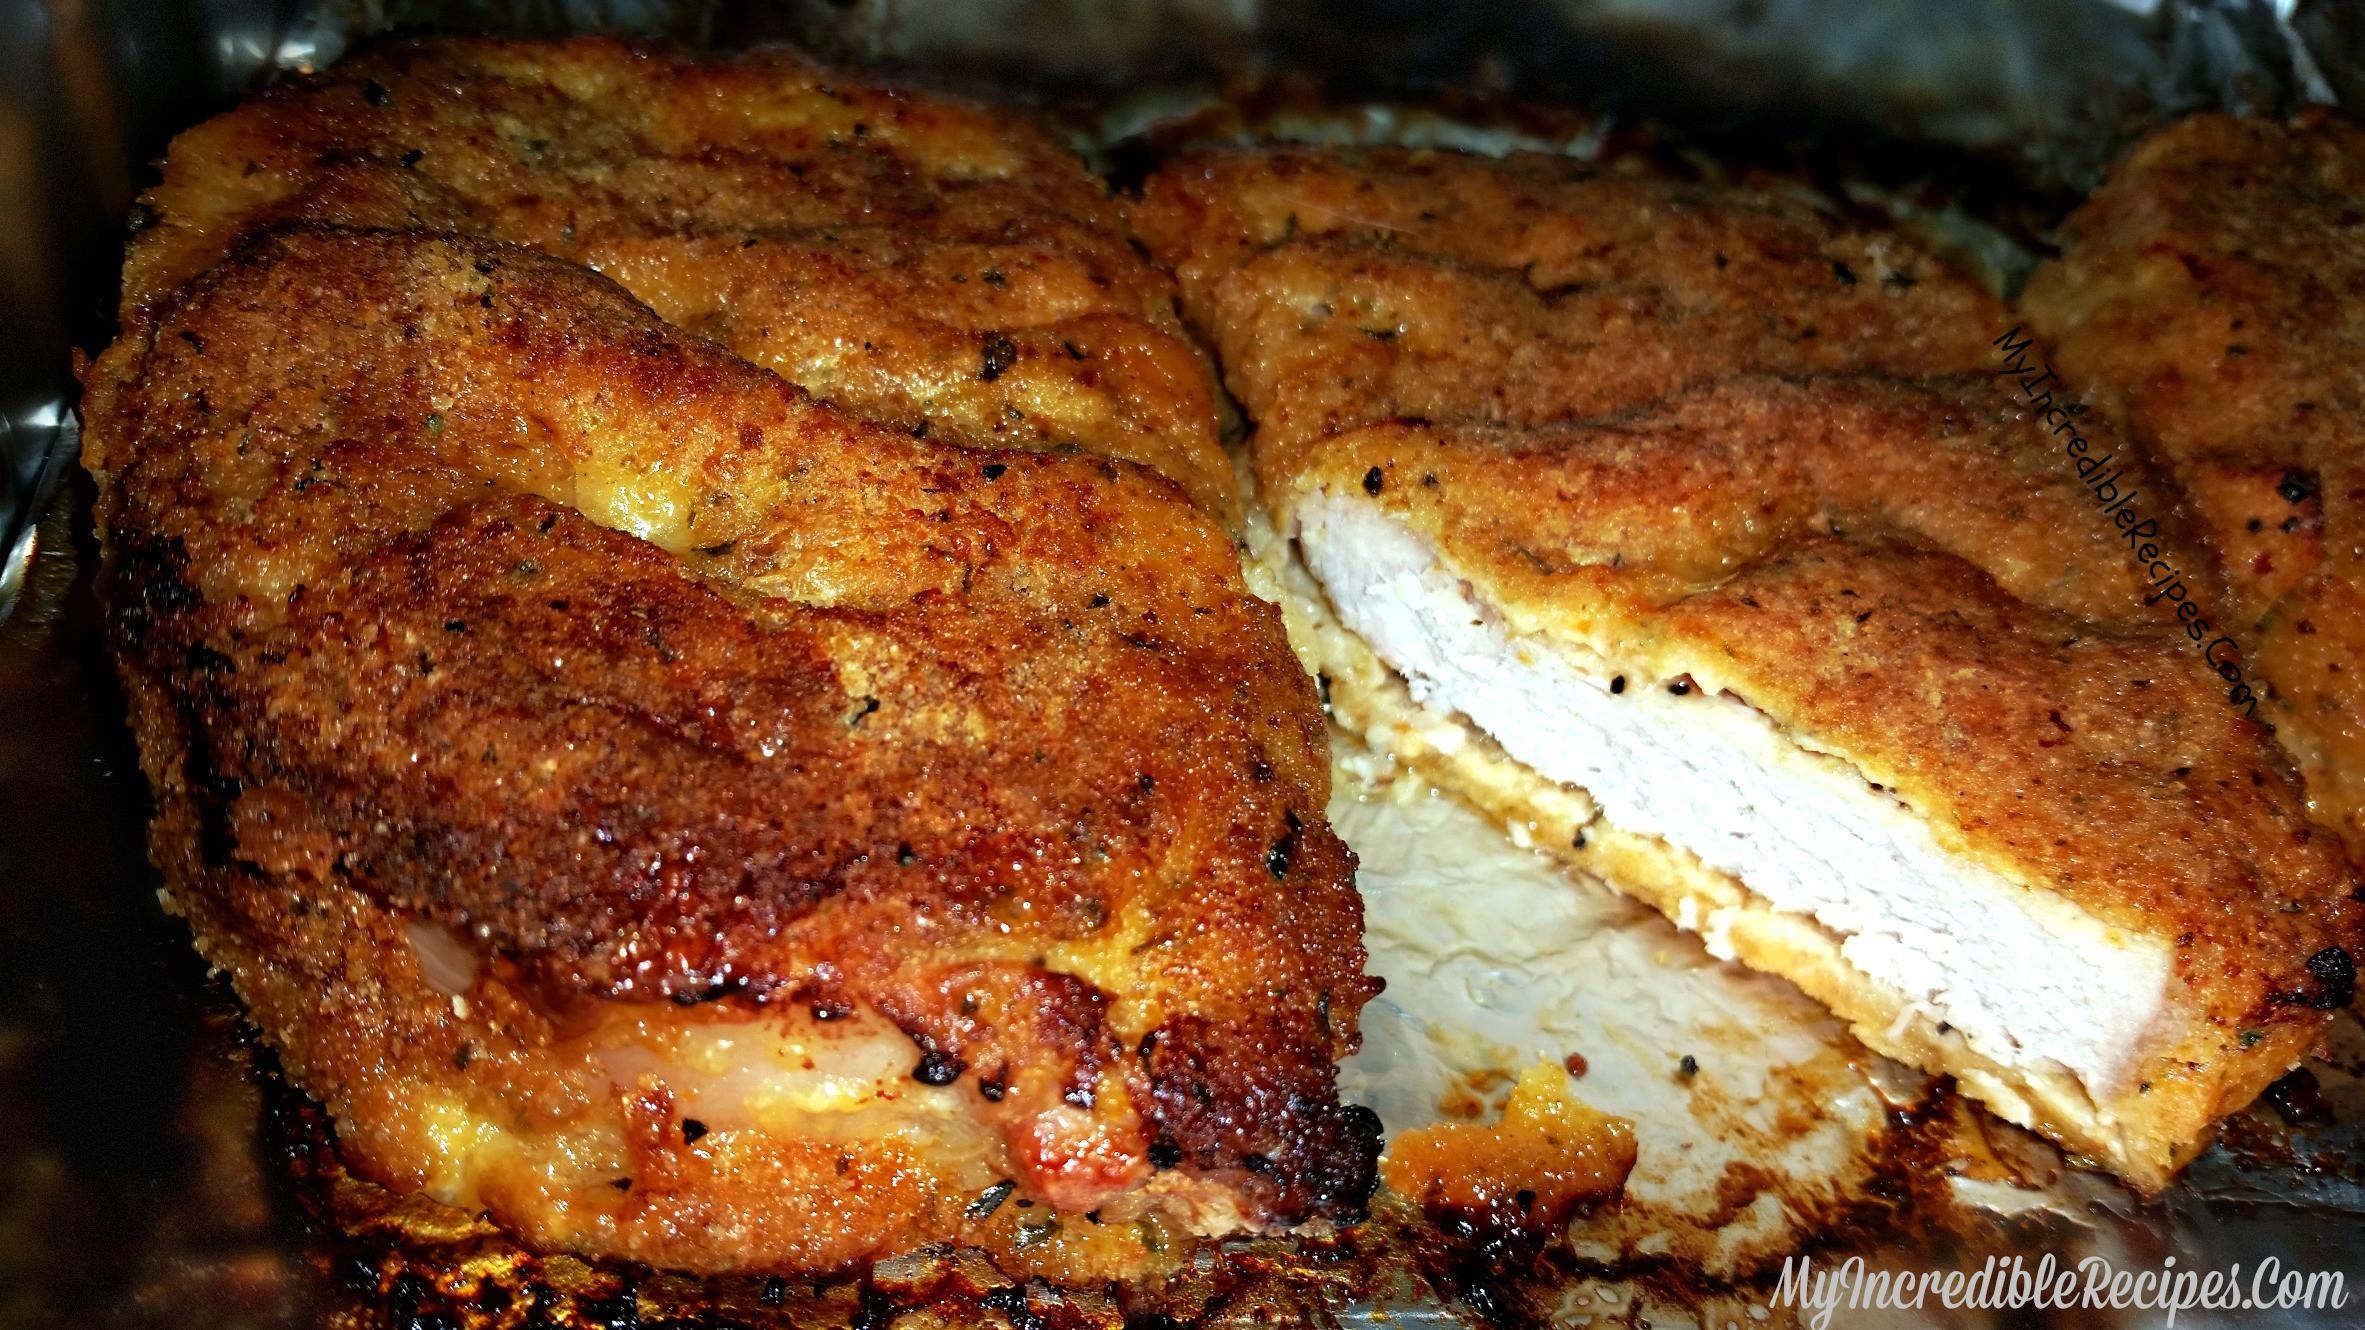 Best Baked Pork Chops  Delicious Baked Parmesan Crusted Pork Chops